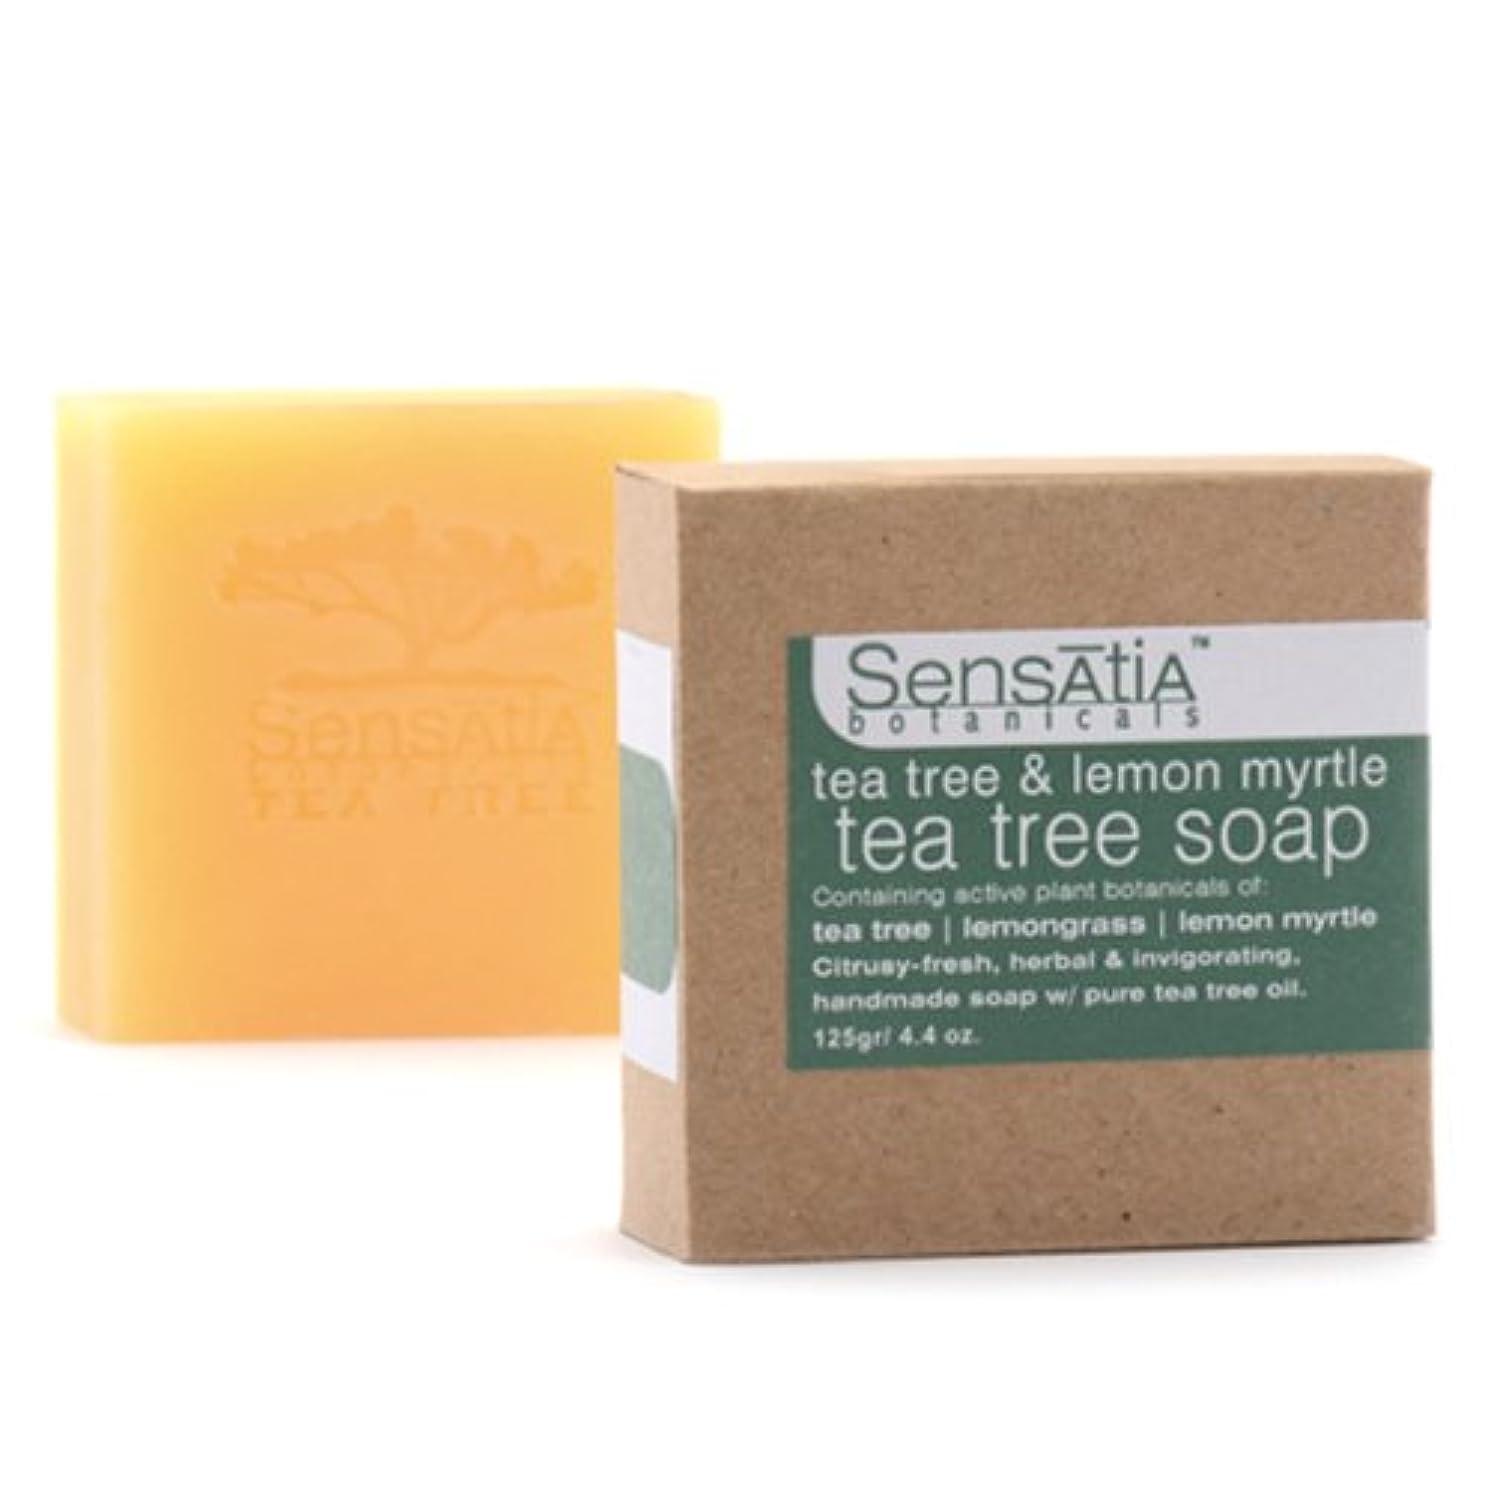 適合先生吸い込むSensatia(センセイシャ) ティーツリーソープ レモンマートル 125g